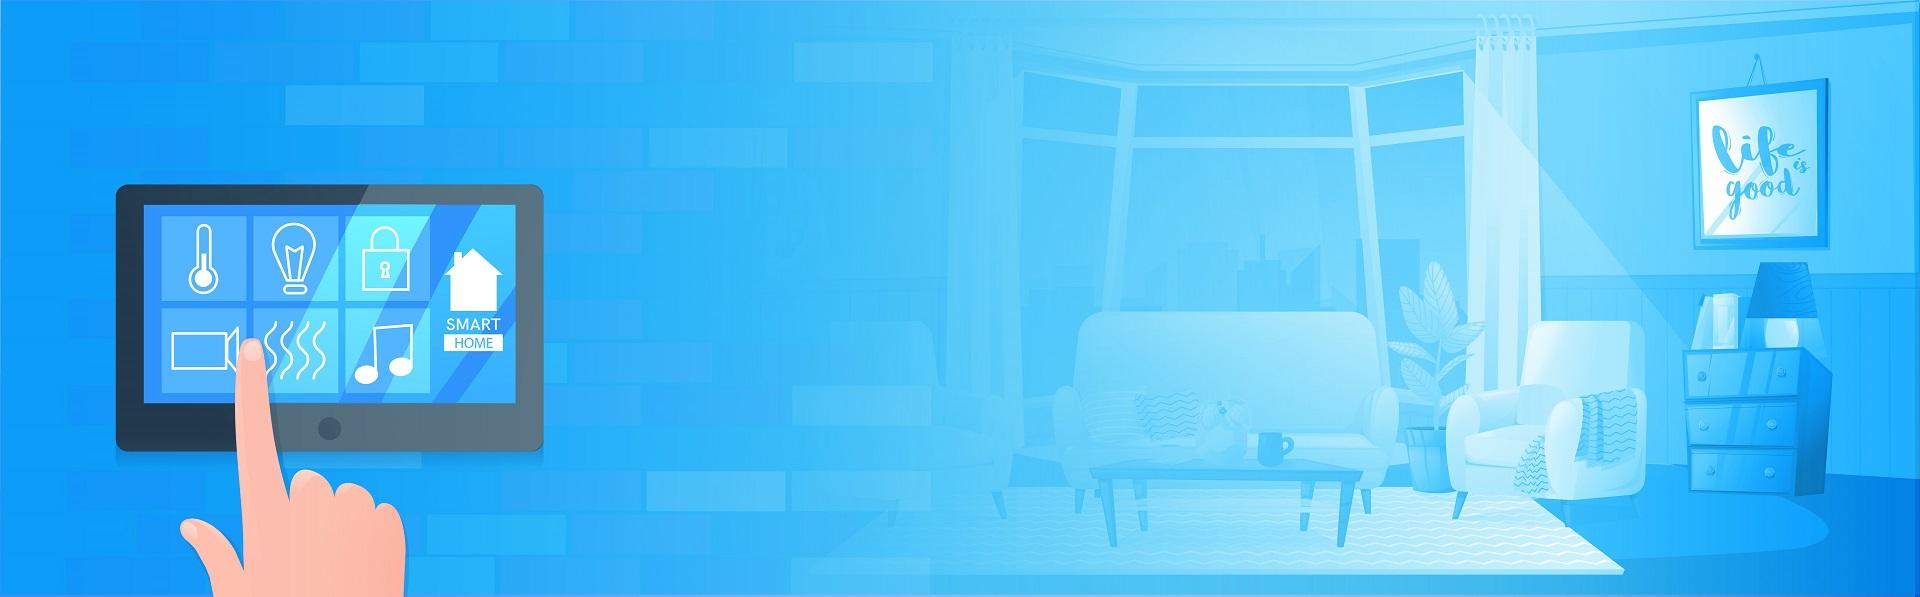 дистрибутор knx системи за умен дом